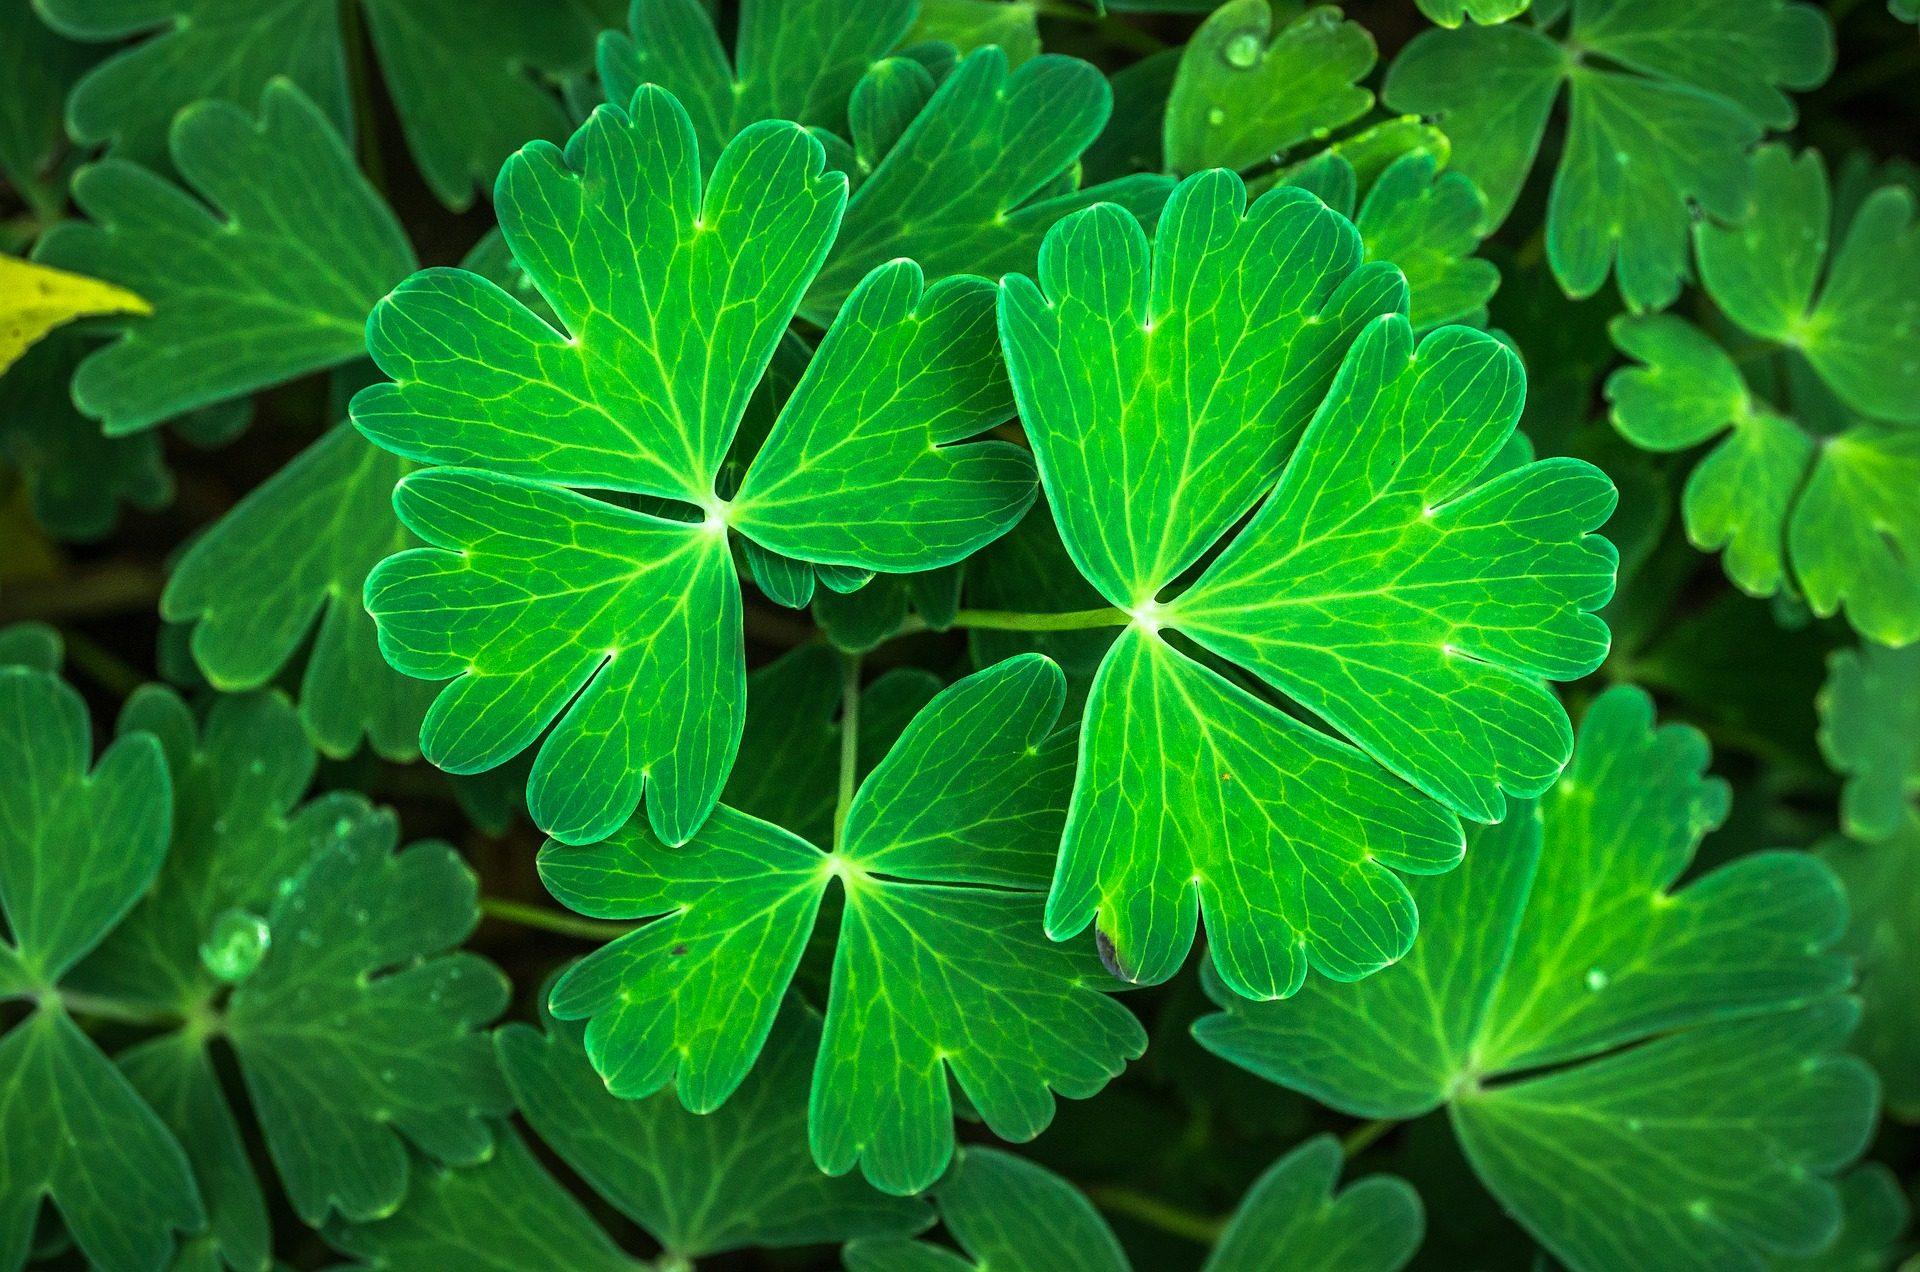 Blätter, Pflanzen, Garten, Stiele, üppige - Wallpaper HD - Prof.-falken.com